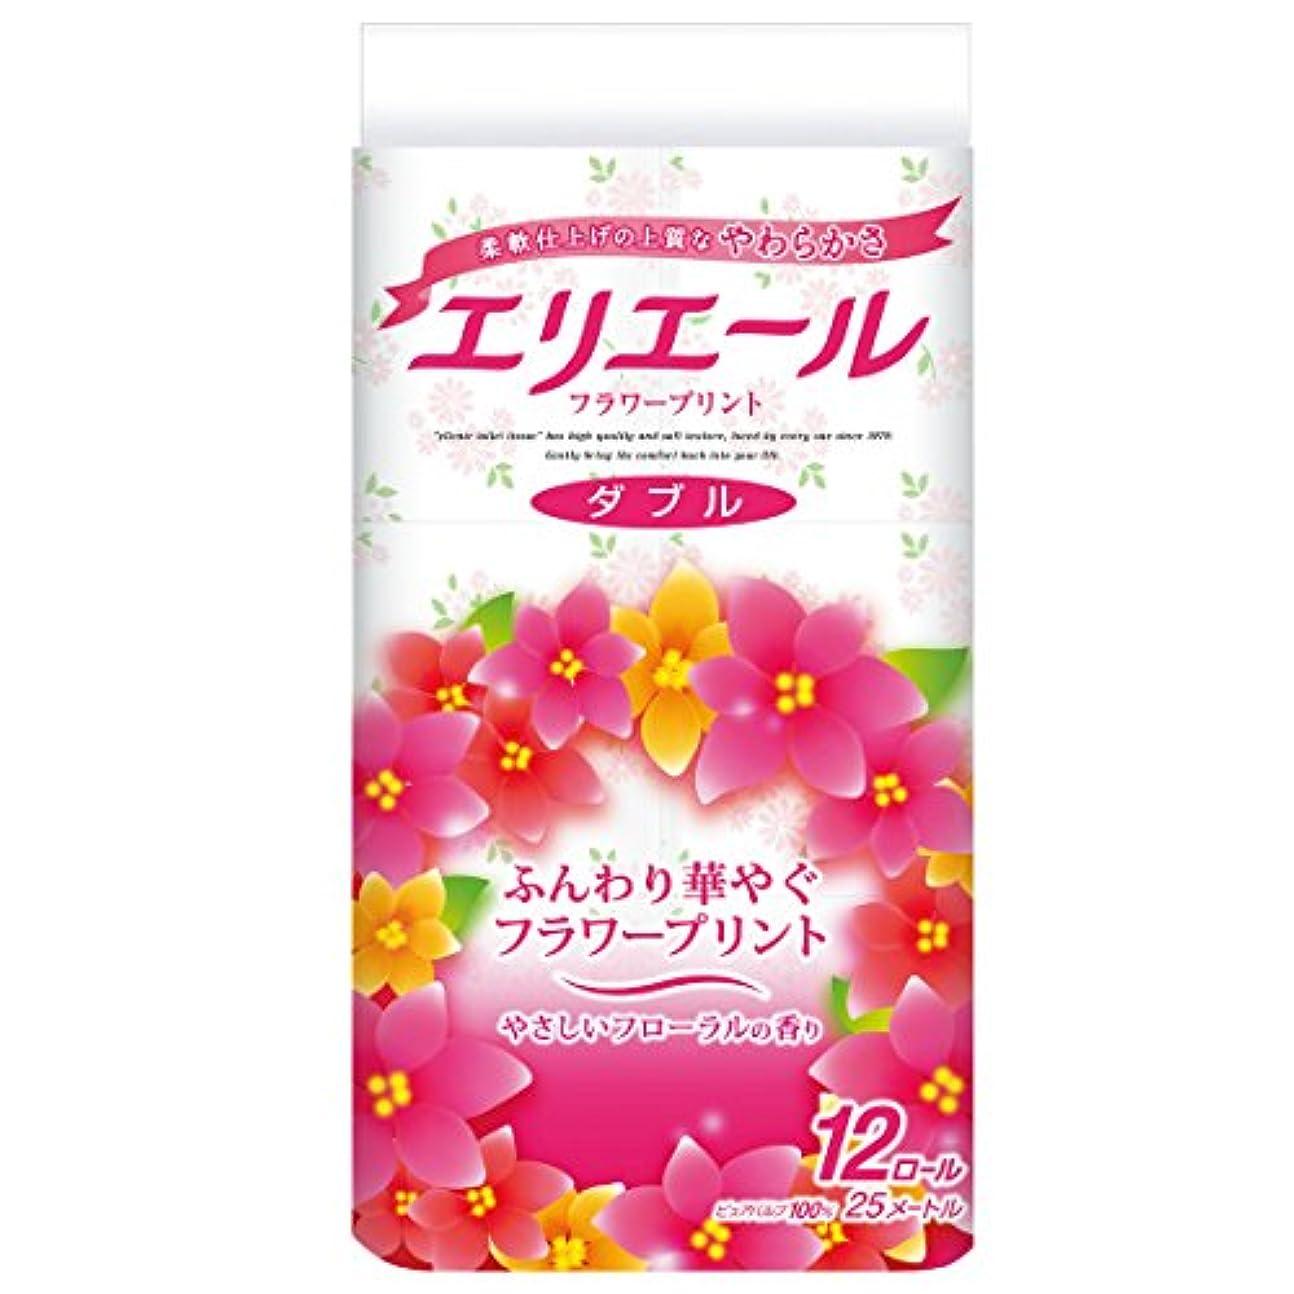 不器用彼らは思われるエリエール トイレットペーパー フラワープリント 25m×12ロール ダブル パルプ100% 優雅な花の香り